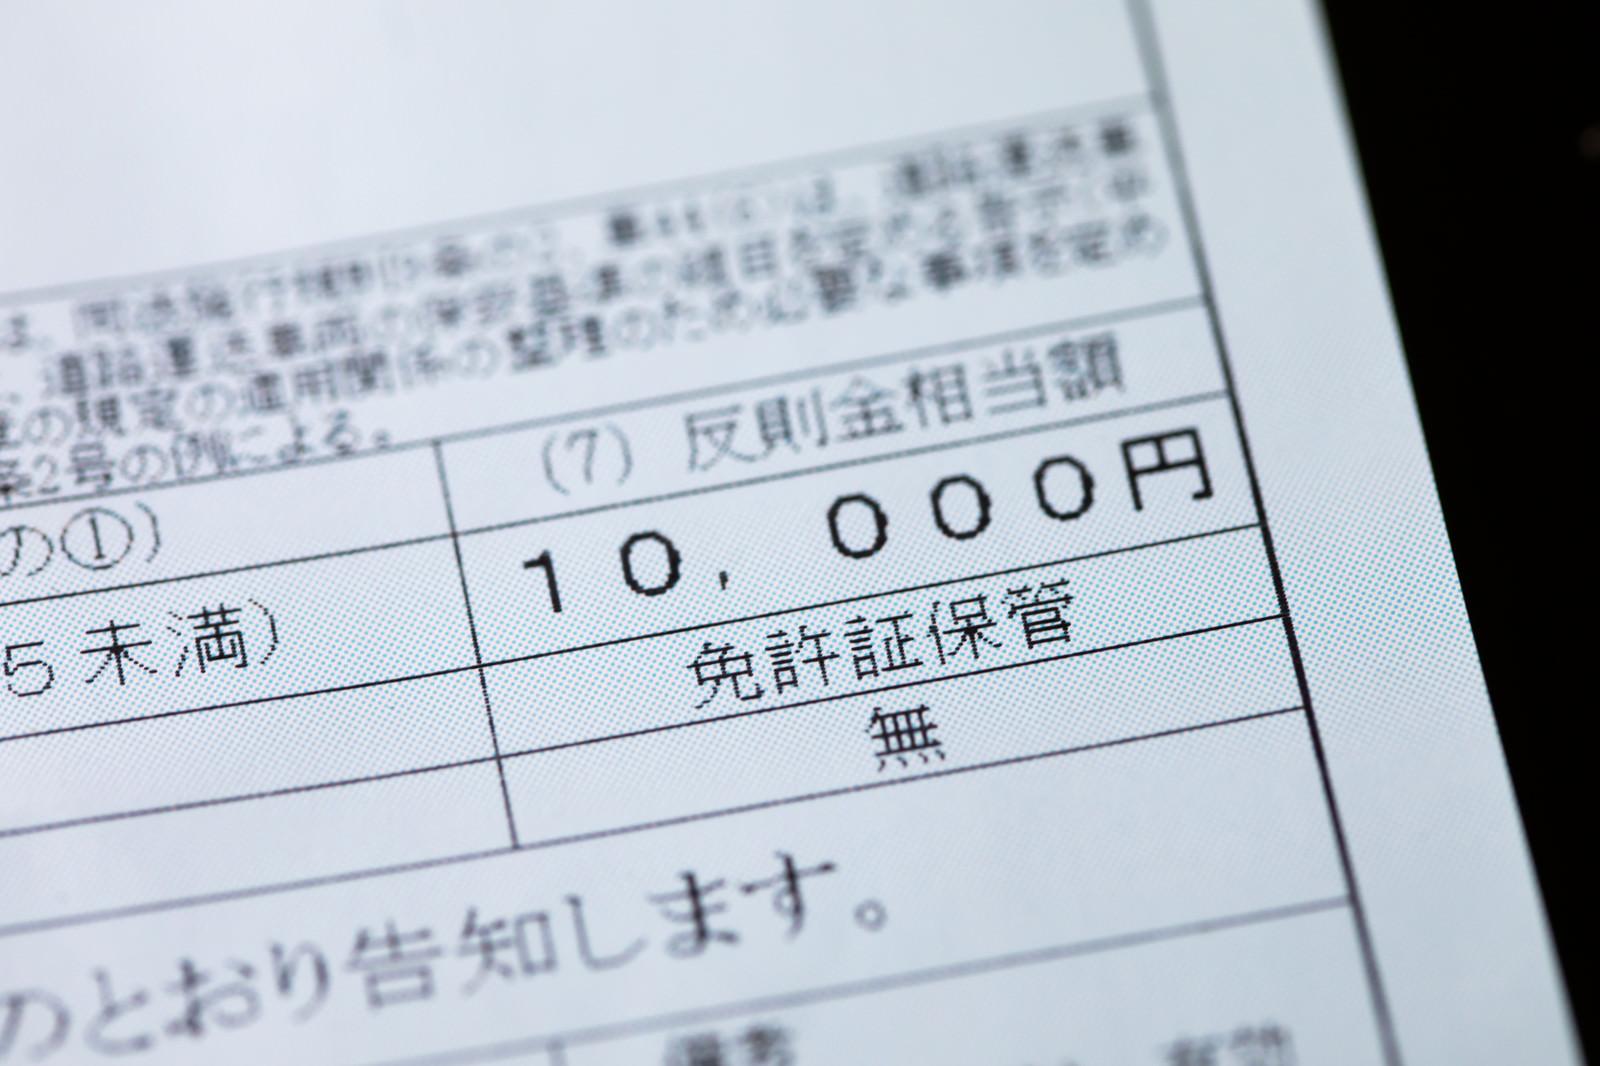 「スピード違反の反則金 10,000円スピード違反の反則金 10,000円」のフリー写真素材を拡大